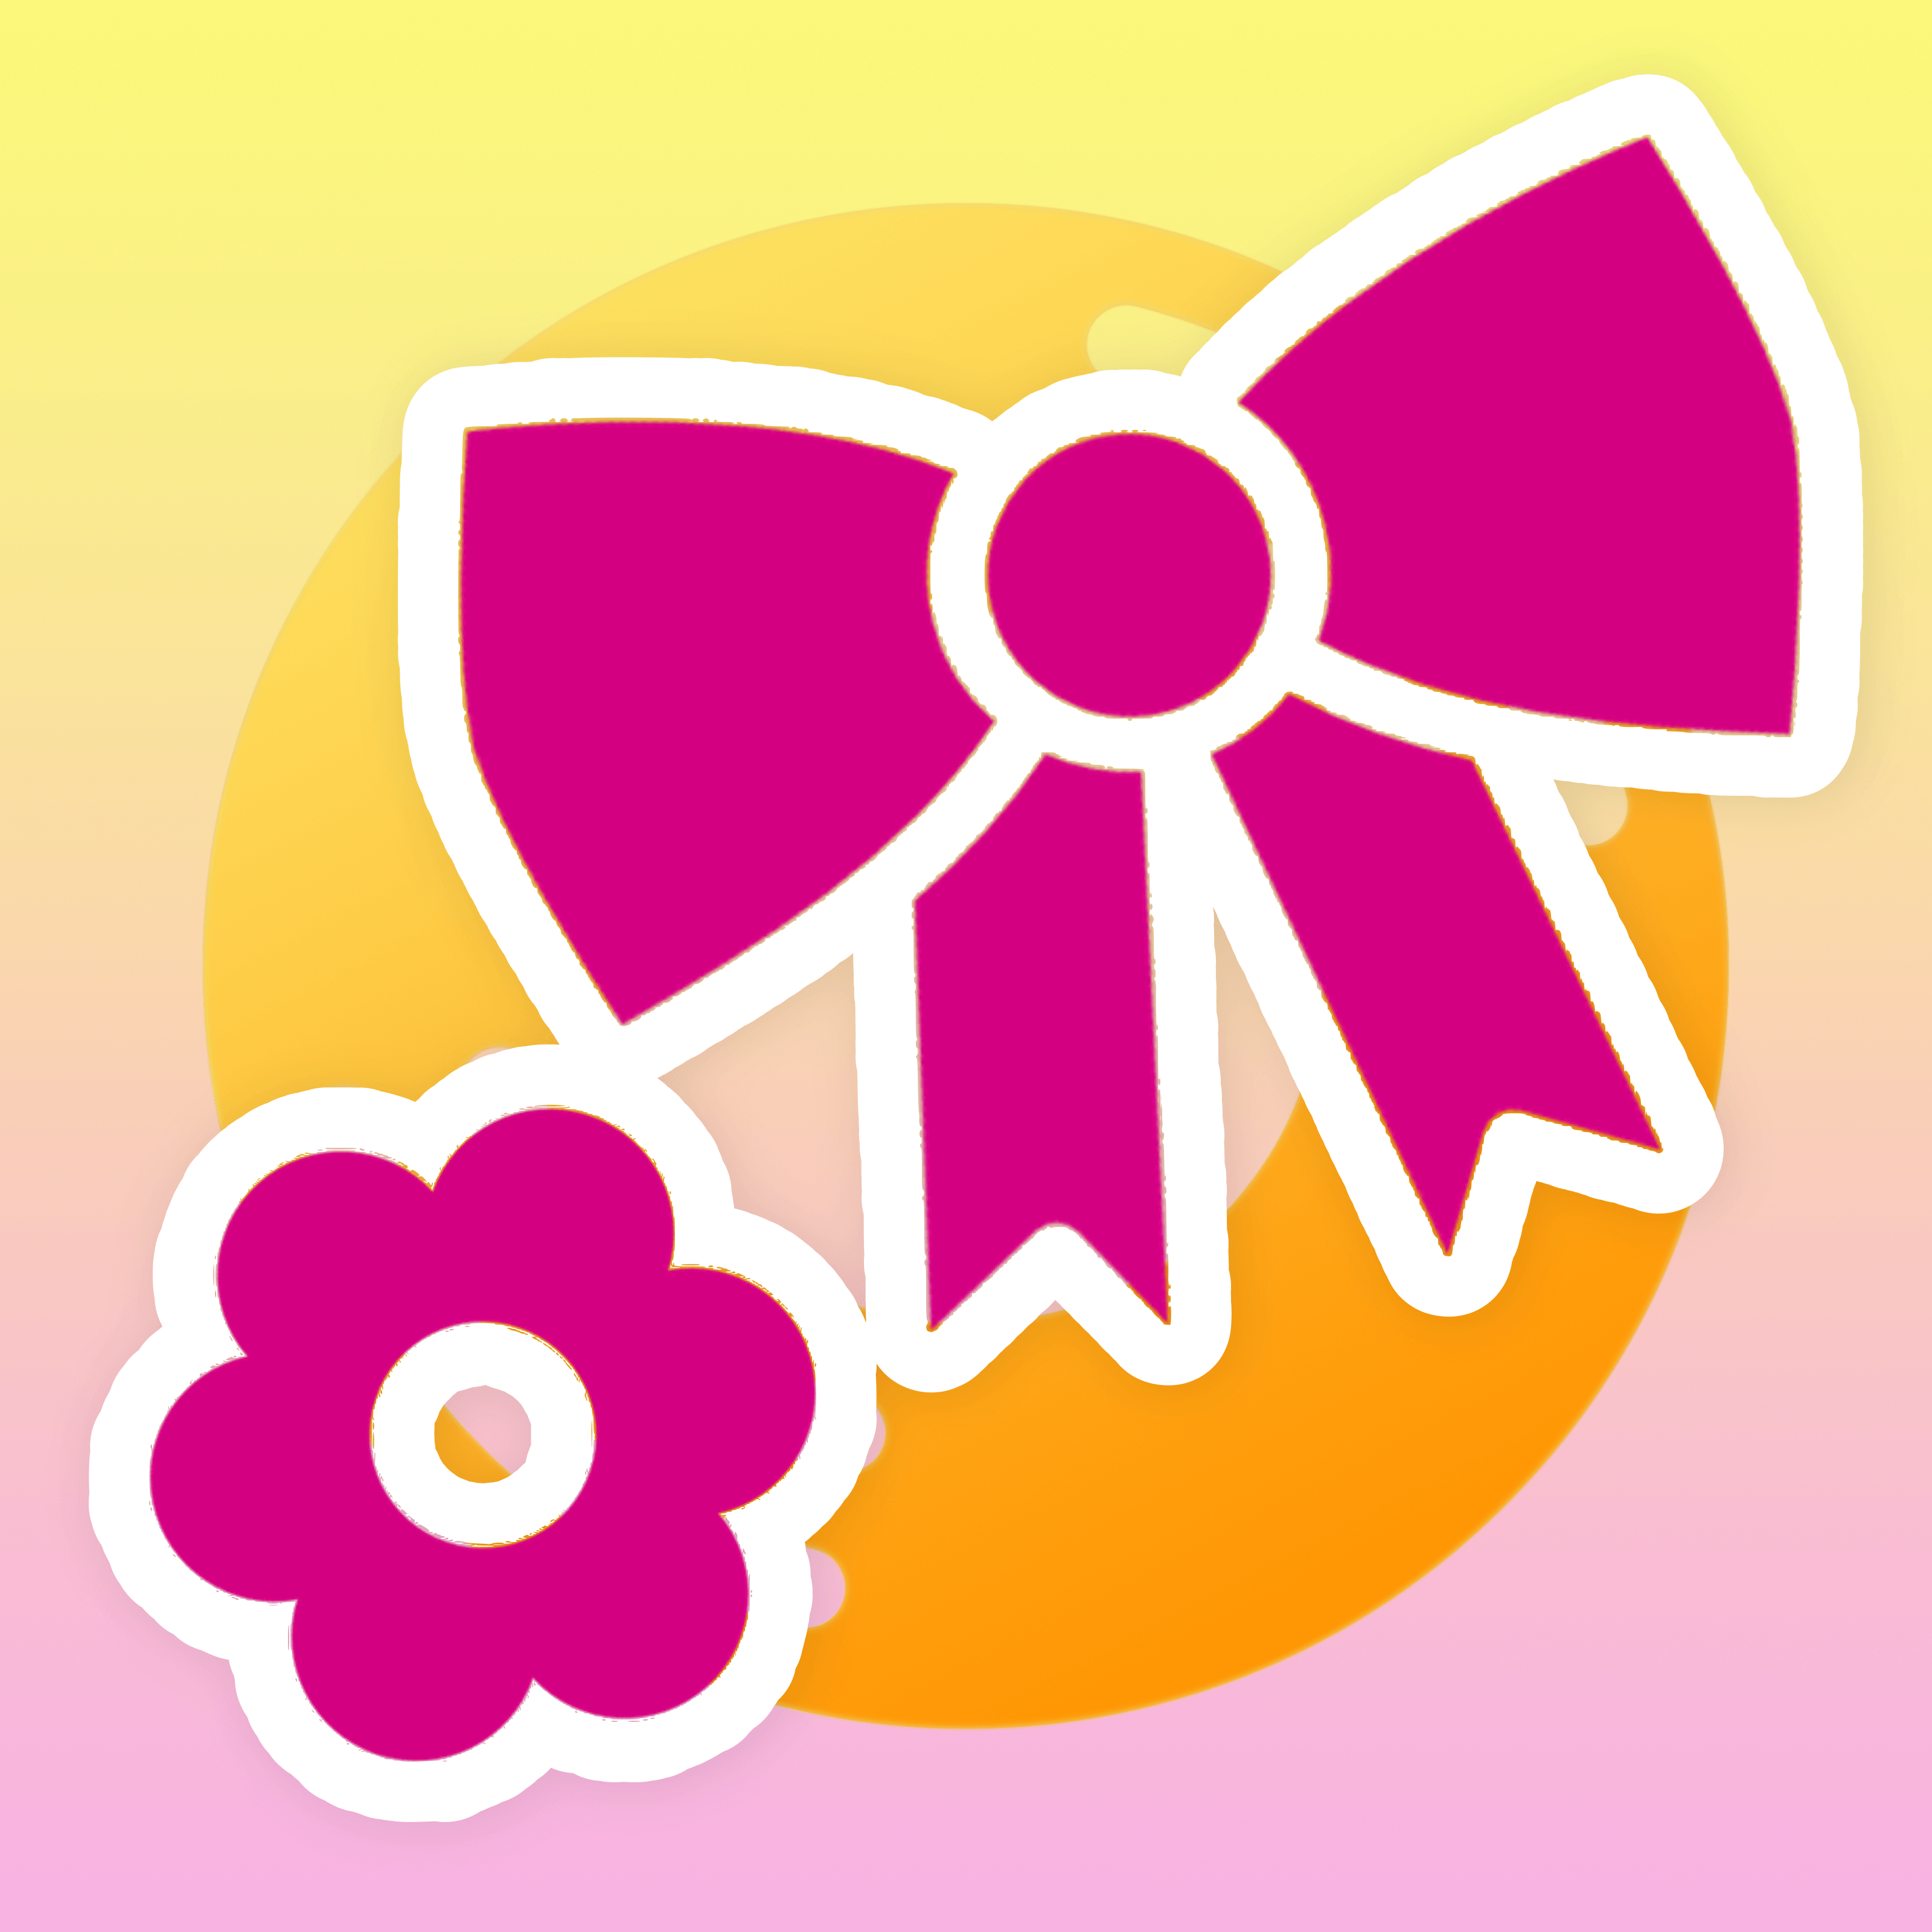 iTz_MakixD avatar